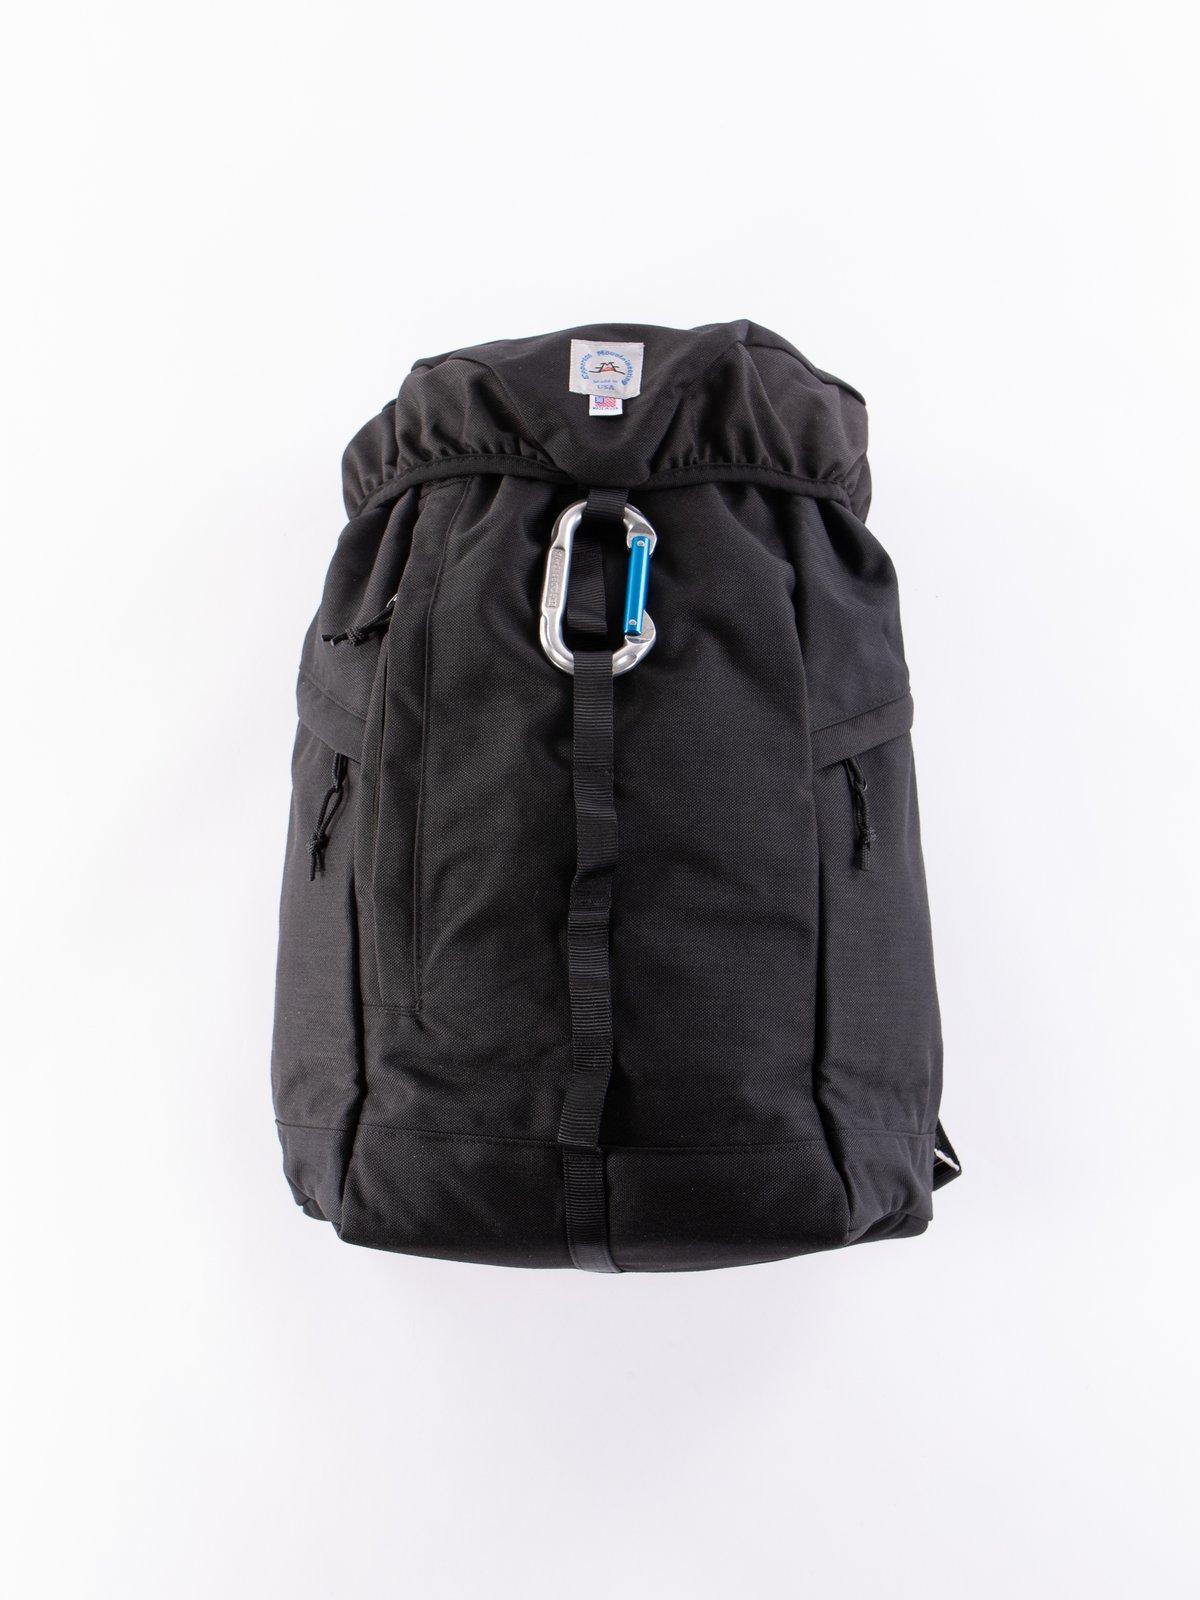 Mil–Spec Black Large Climb Pack - Image 1